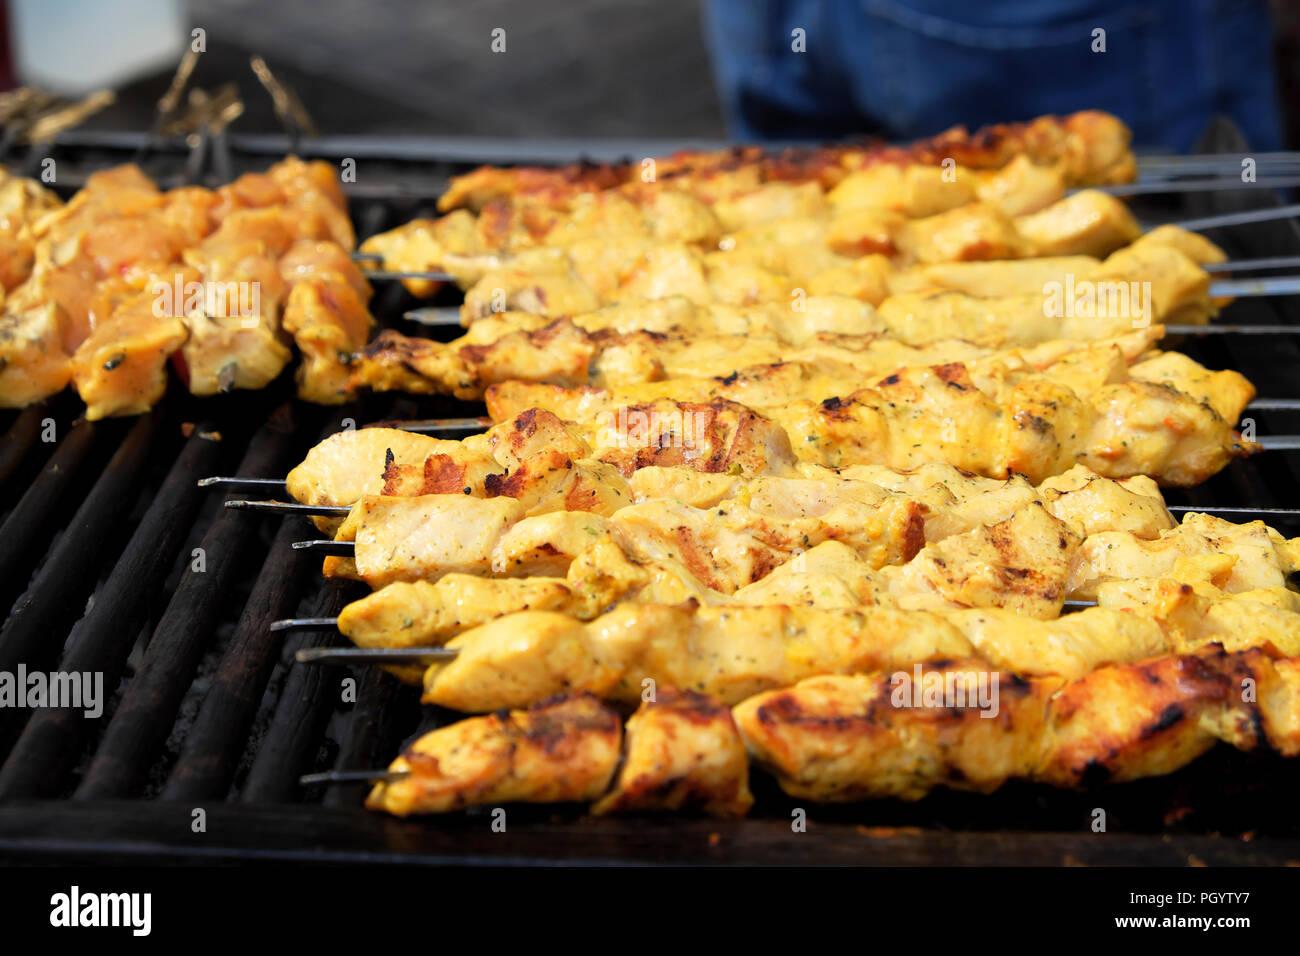 Kebabs kochen auf Grill an der Persischen Kebab auf Paul Street in Shoreditch East London UK KATHY DEWITT Stockbild